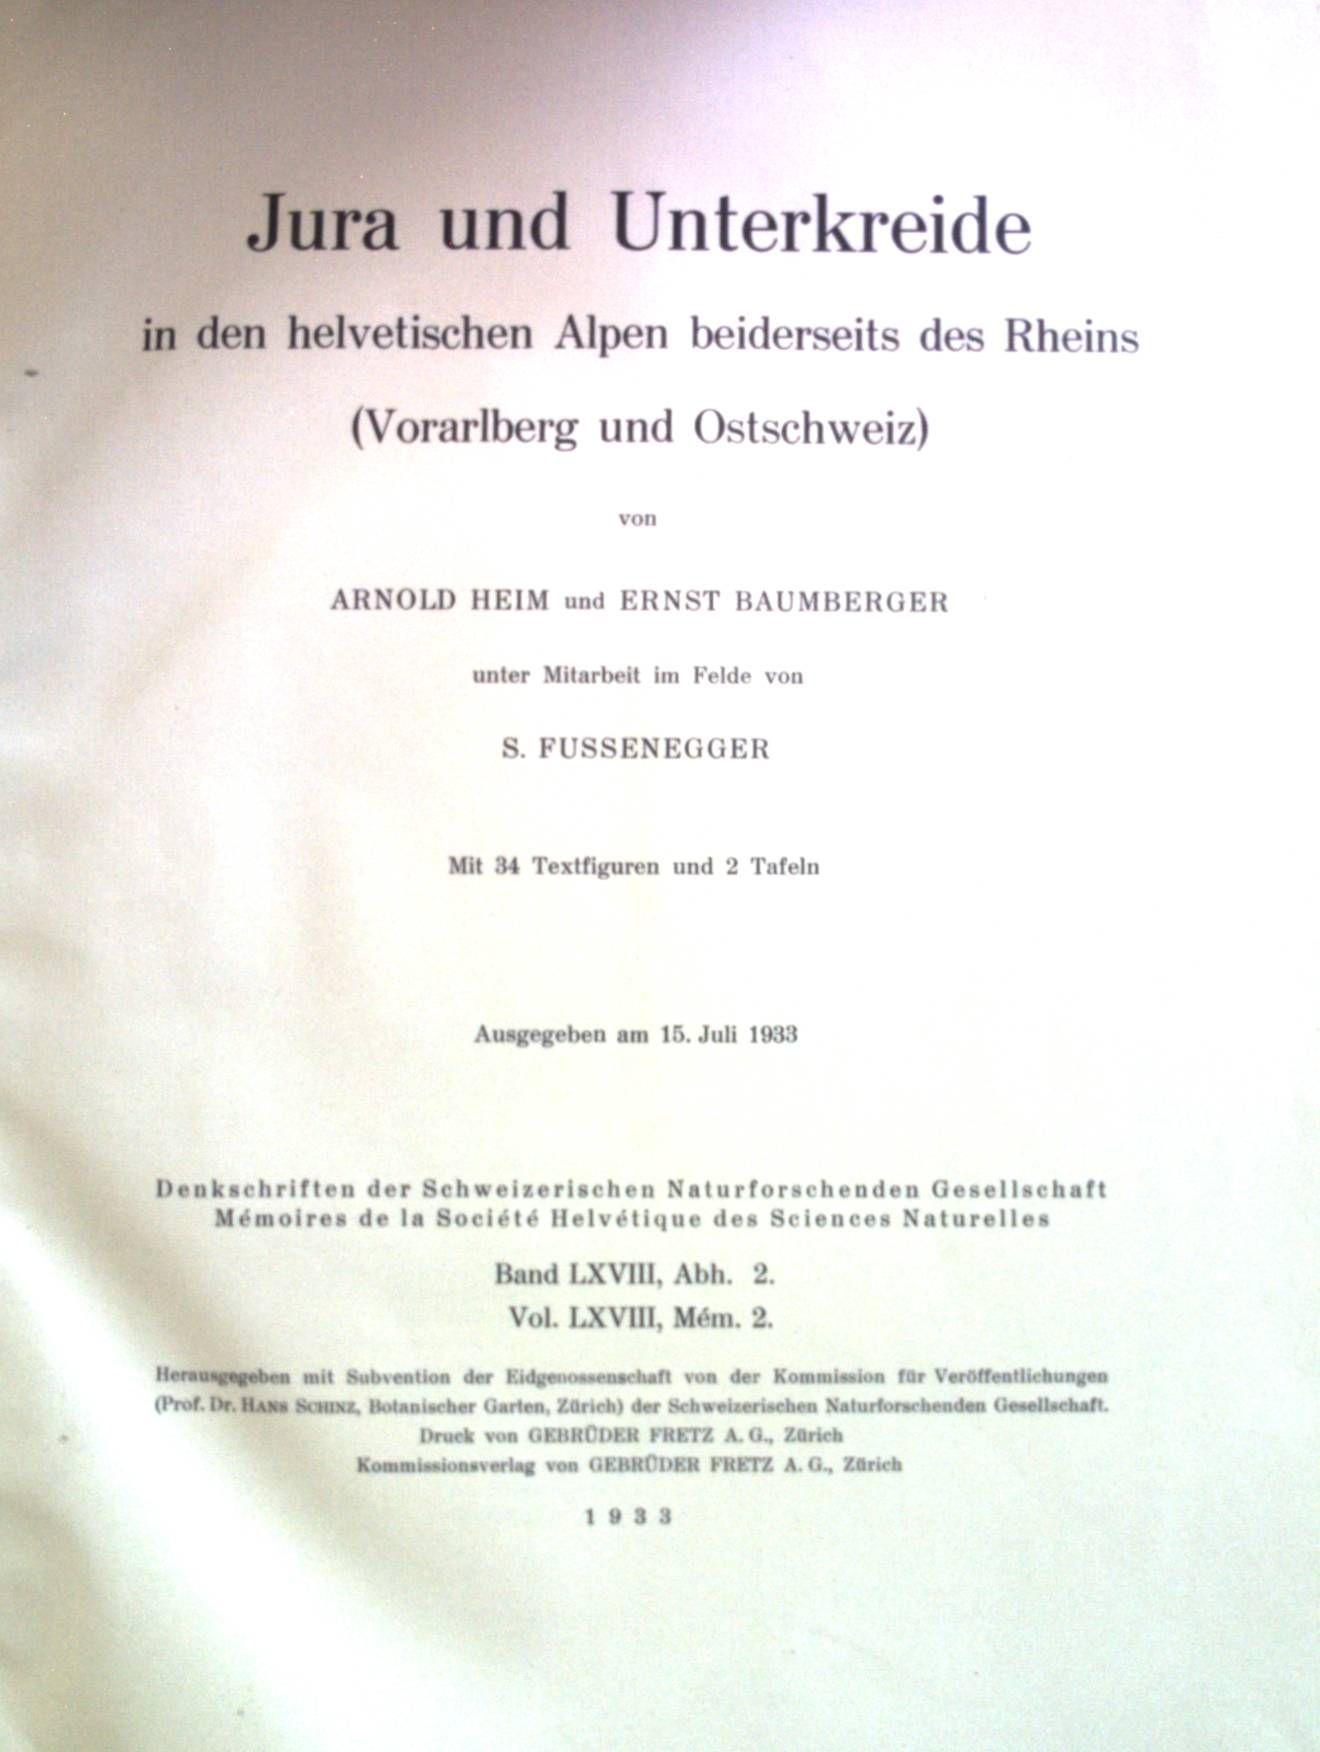 Jura und Unterkreide in den helvetischen Alpen beiderseits des Rheins